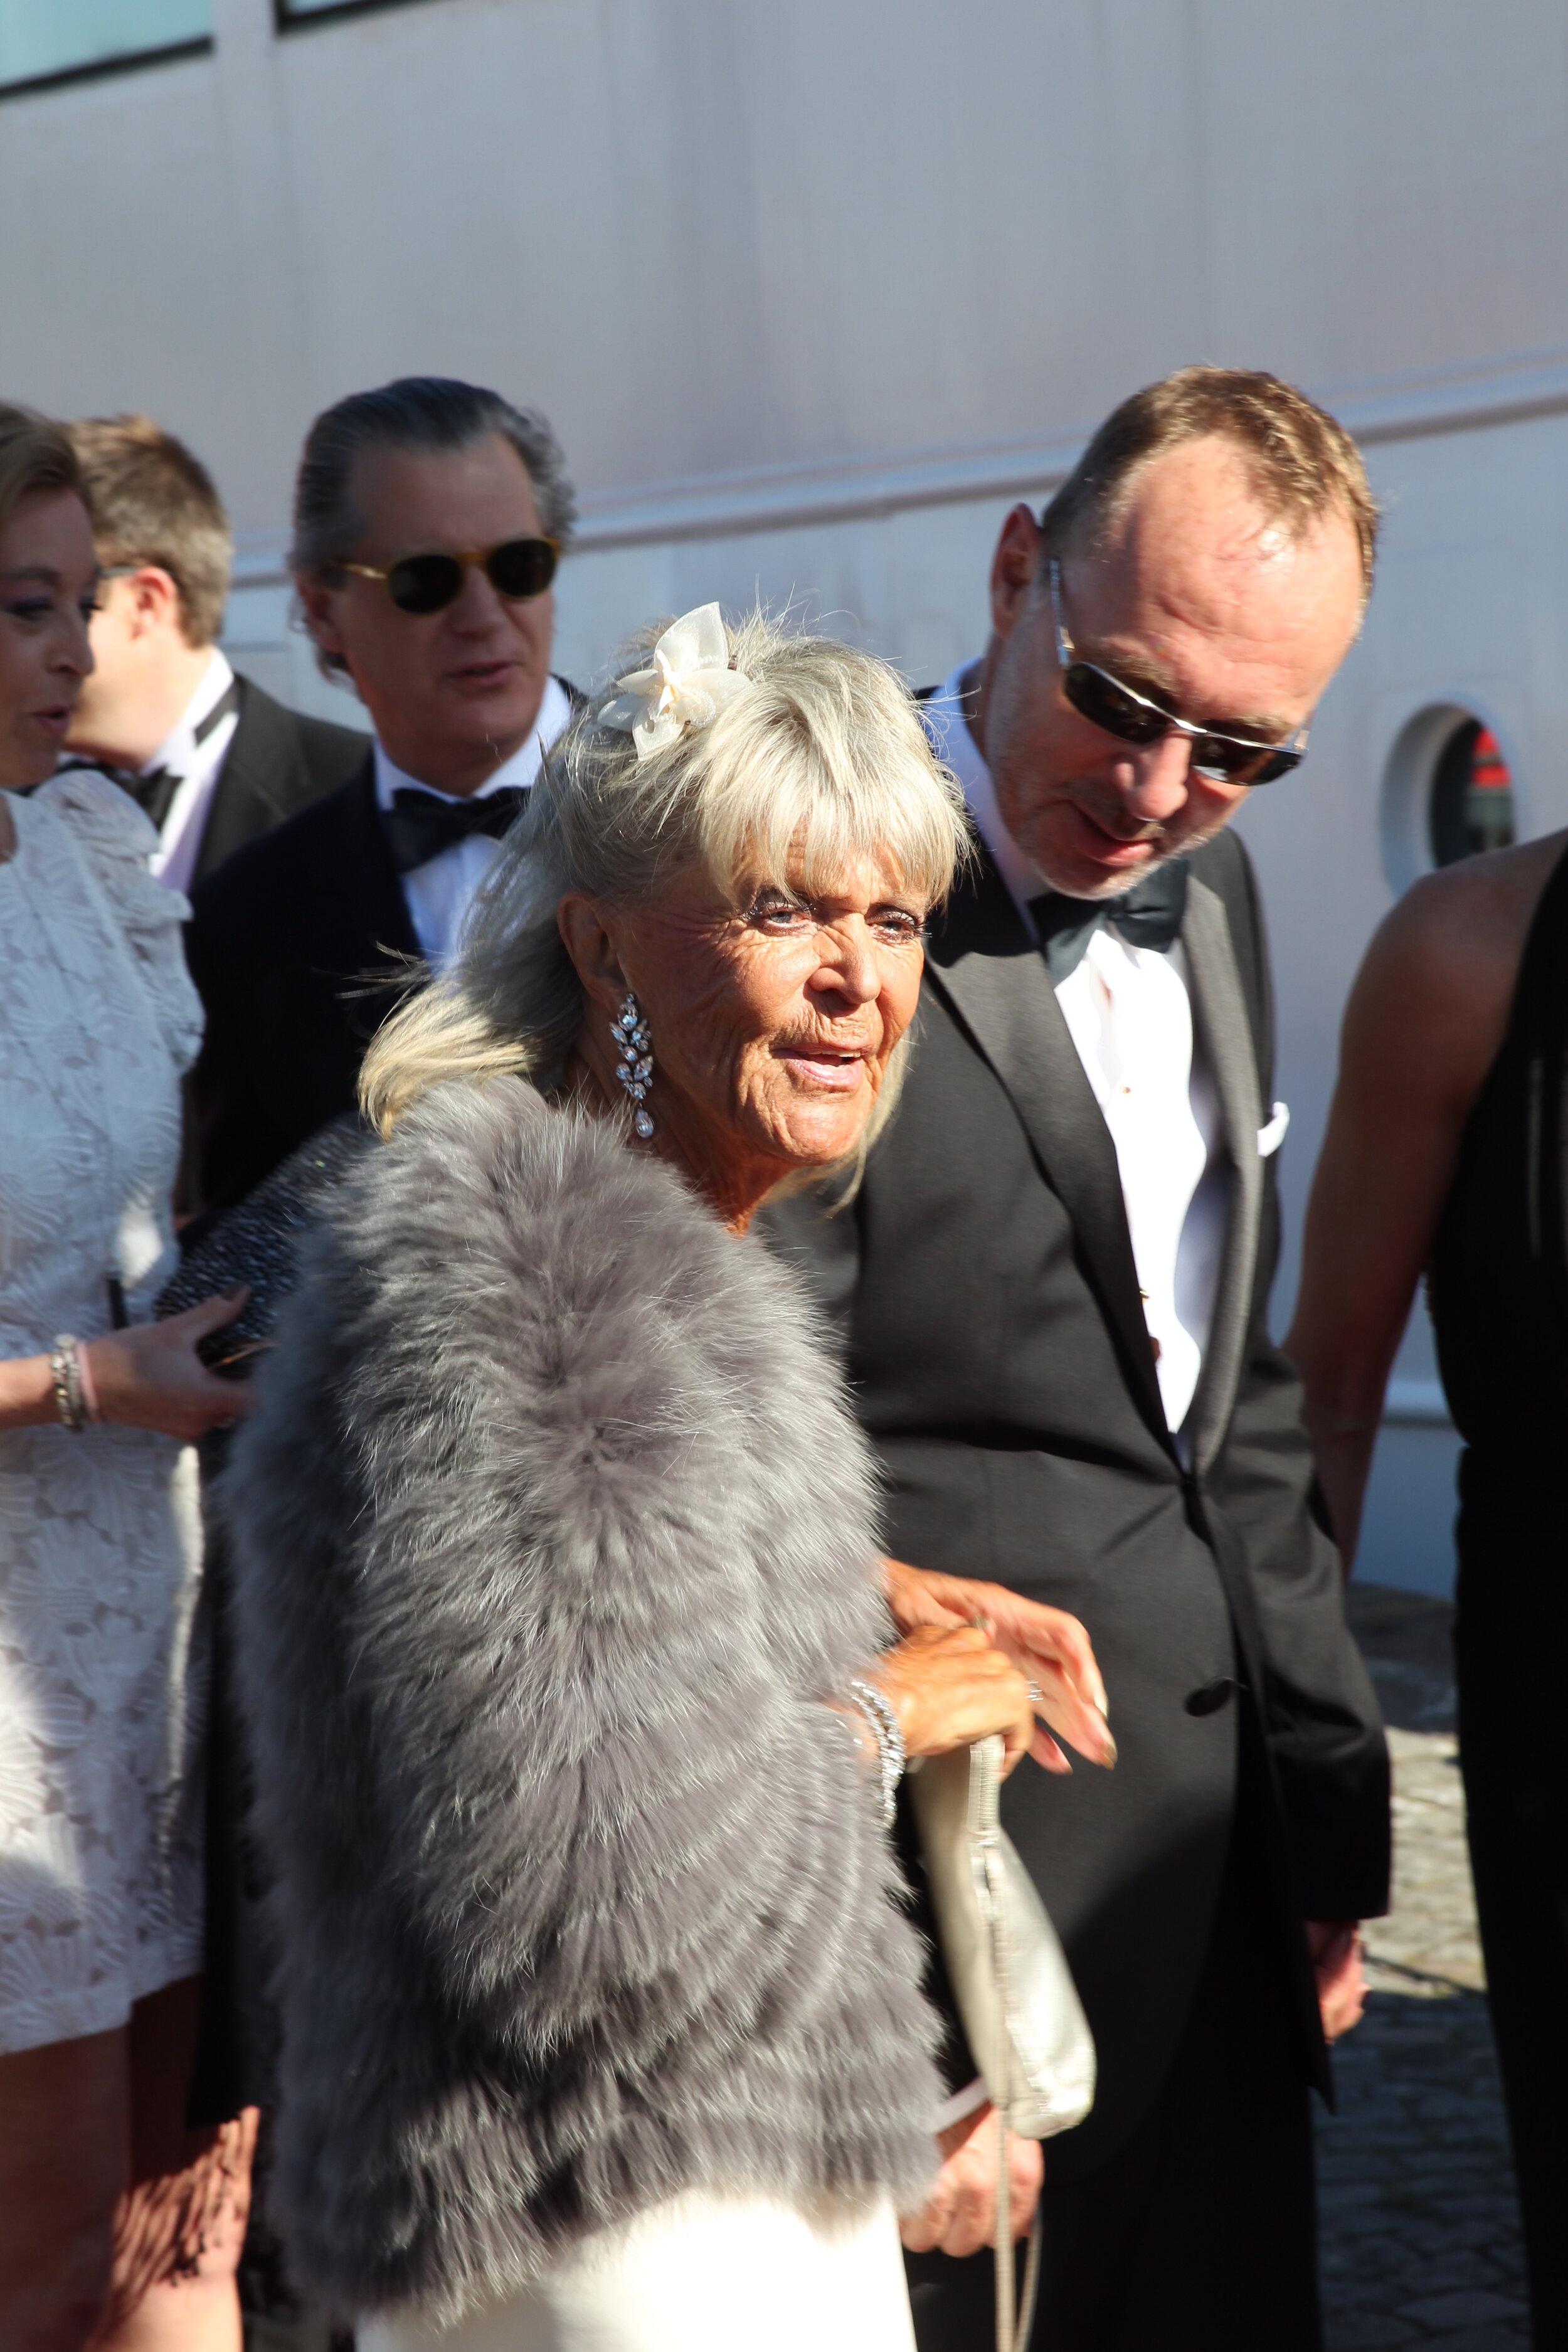 Prinzessin Birgitta heiratete am 25. Mai 1961 den Deutschen Johann Georg von Hohenzollern. 1990 trennte sich das Paar. Er war jedoch nicht der einzige Mann, der ihr Herz zum Klopfen brachte. An eine Jugendliebe erinnert sich die Schwedin bis heute gerne, doch er starb unter mysteriösen Umständen.  © picture alliance